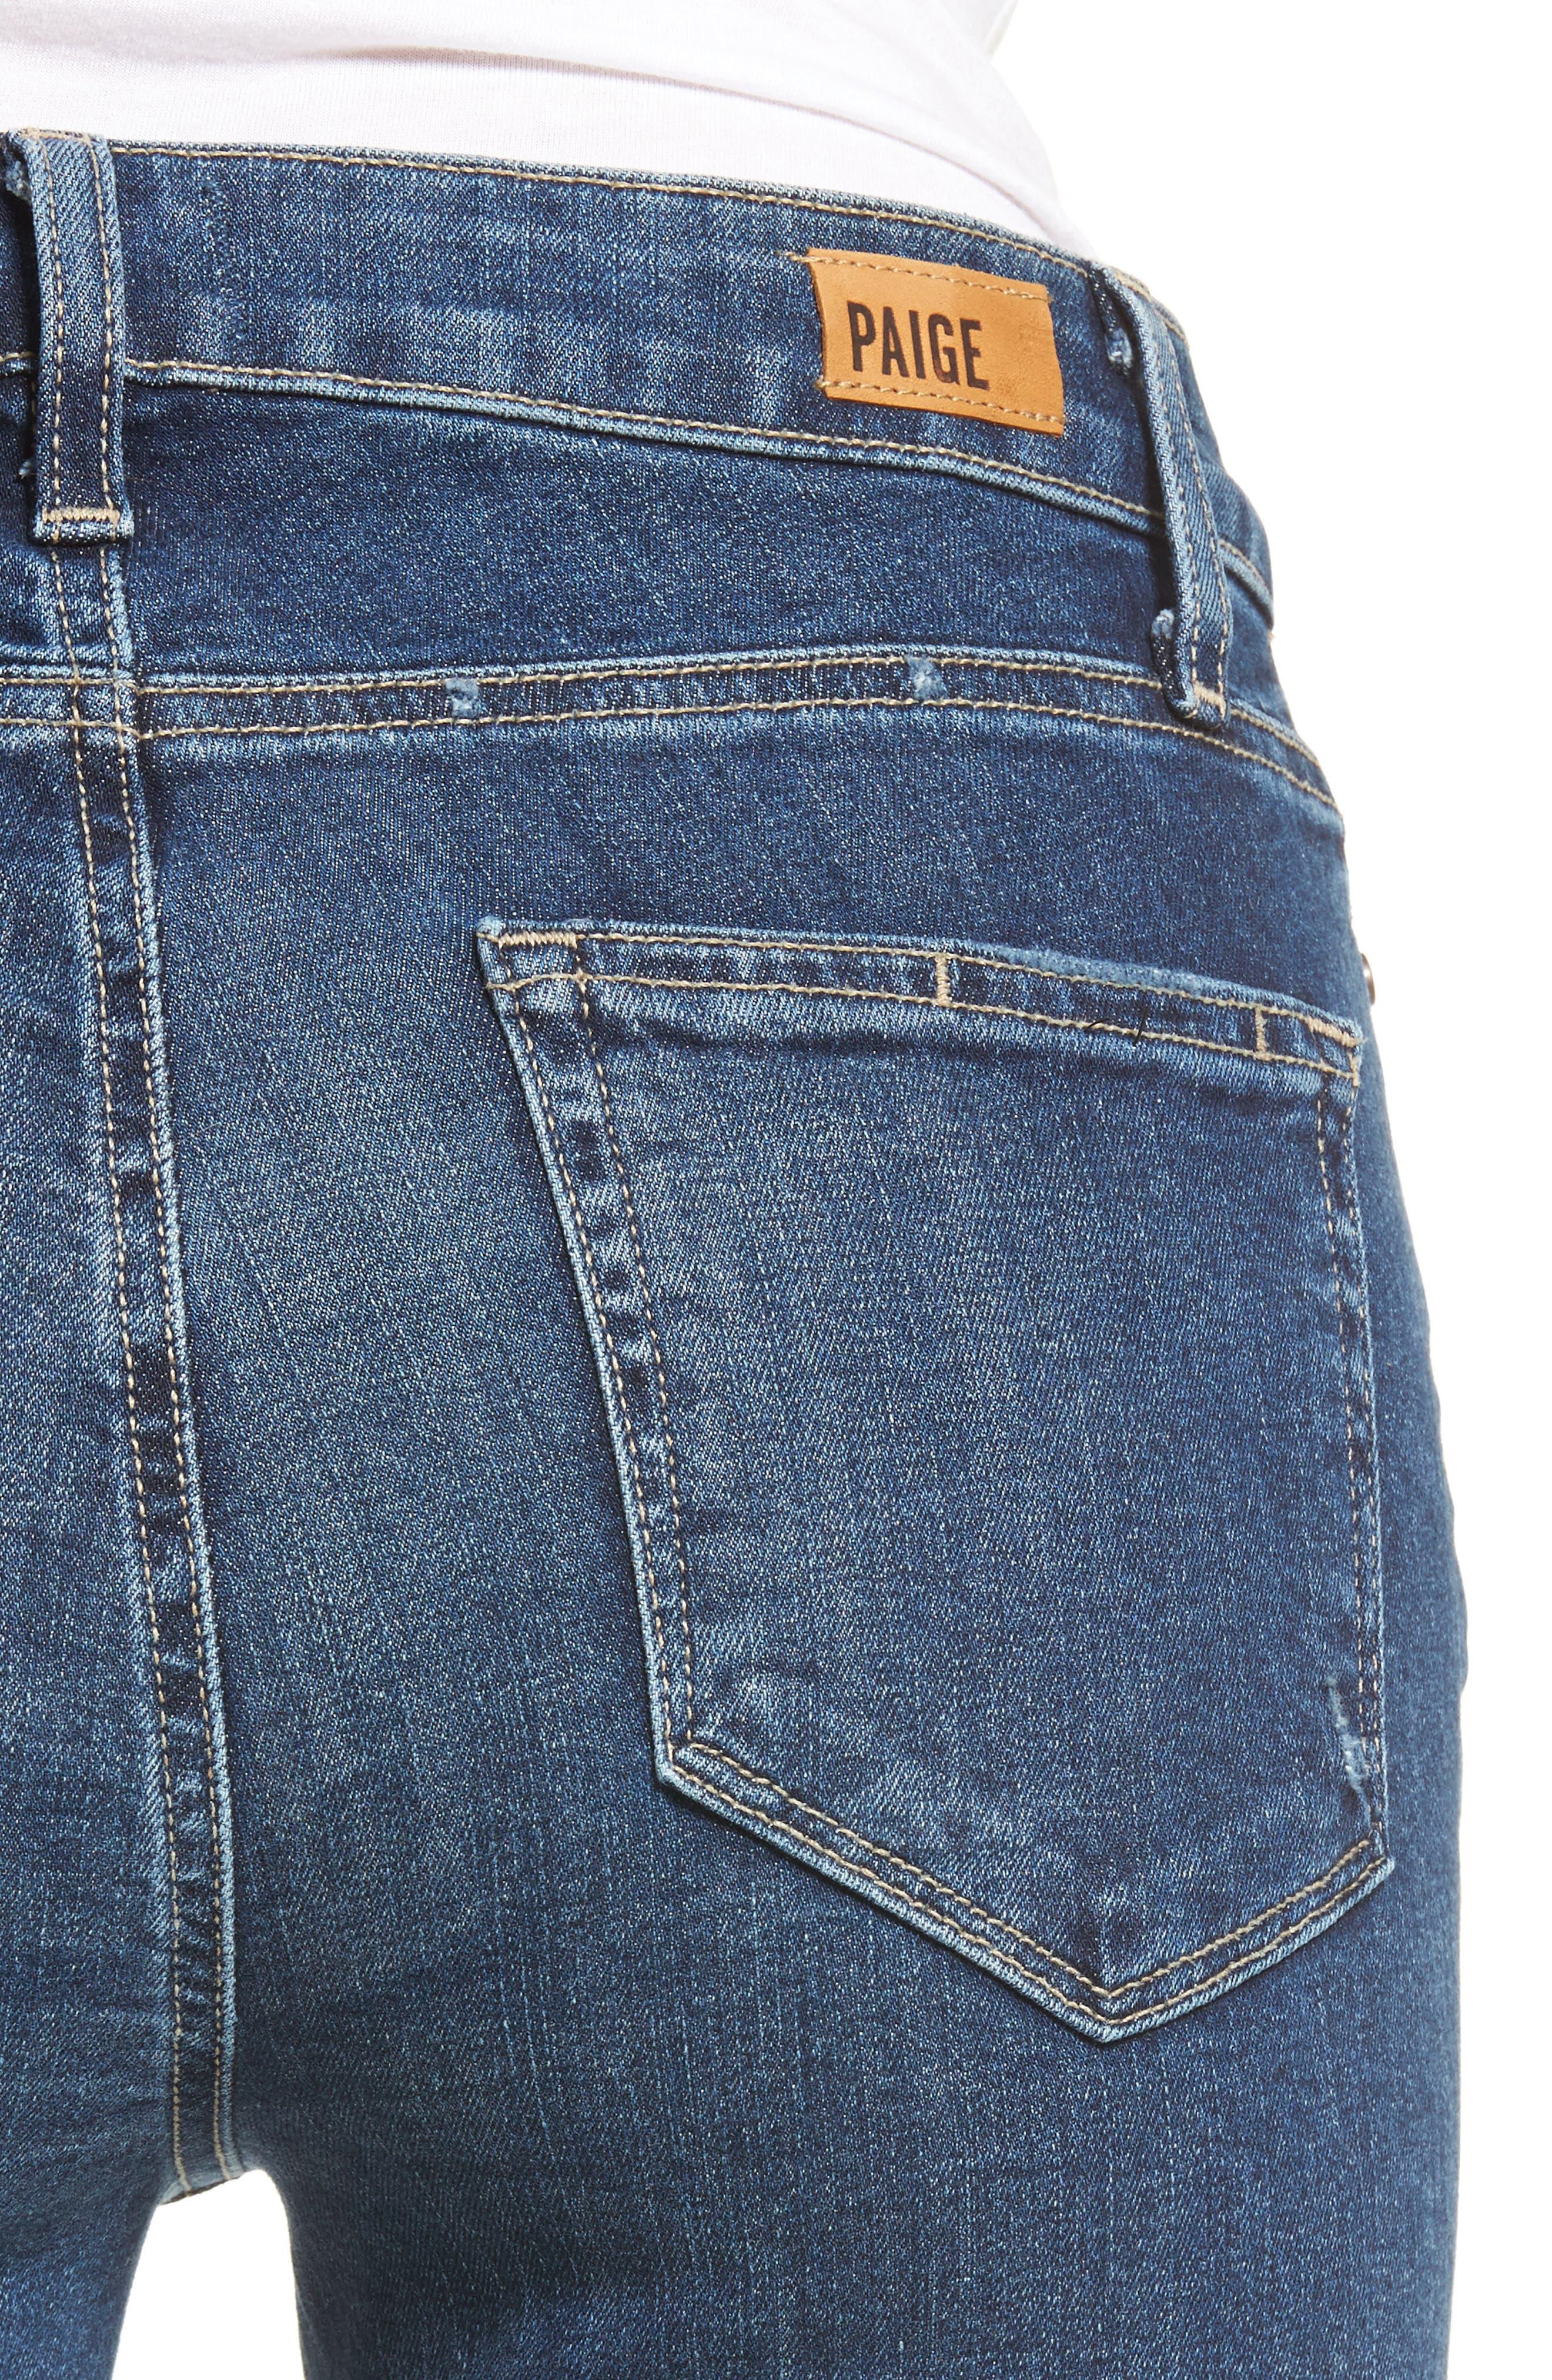 Transcend Vintage - Hoxton High Waist Ankle Peg Jeans,                             Alternate thumbnail 4, color,                             400